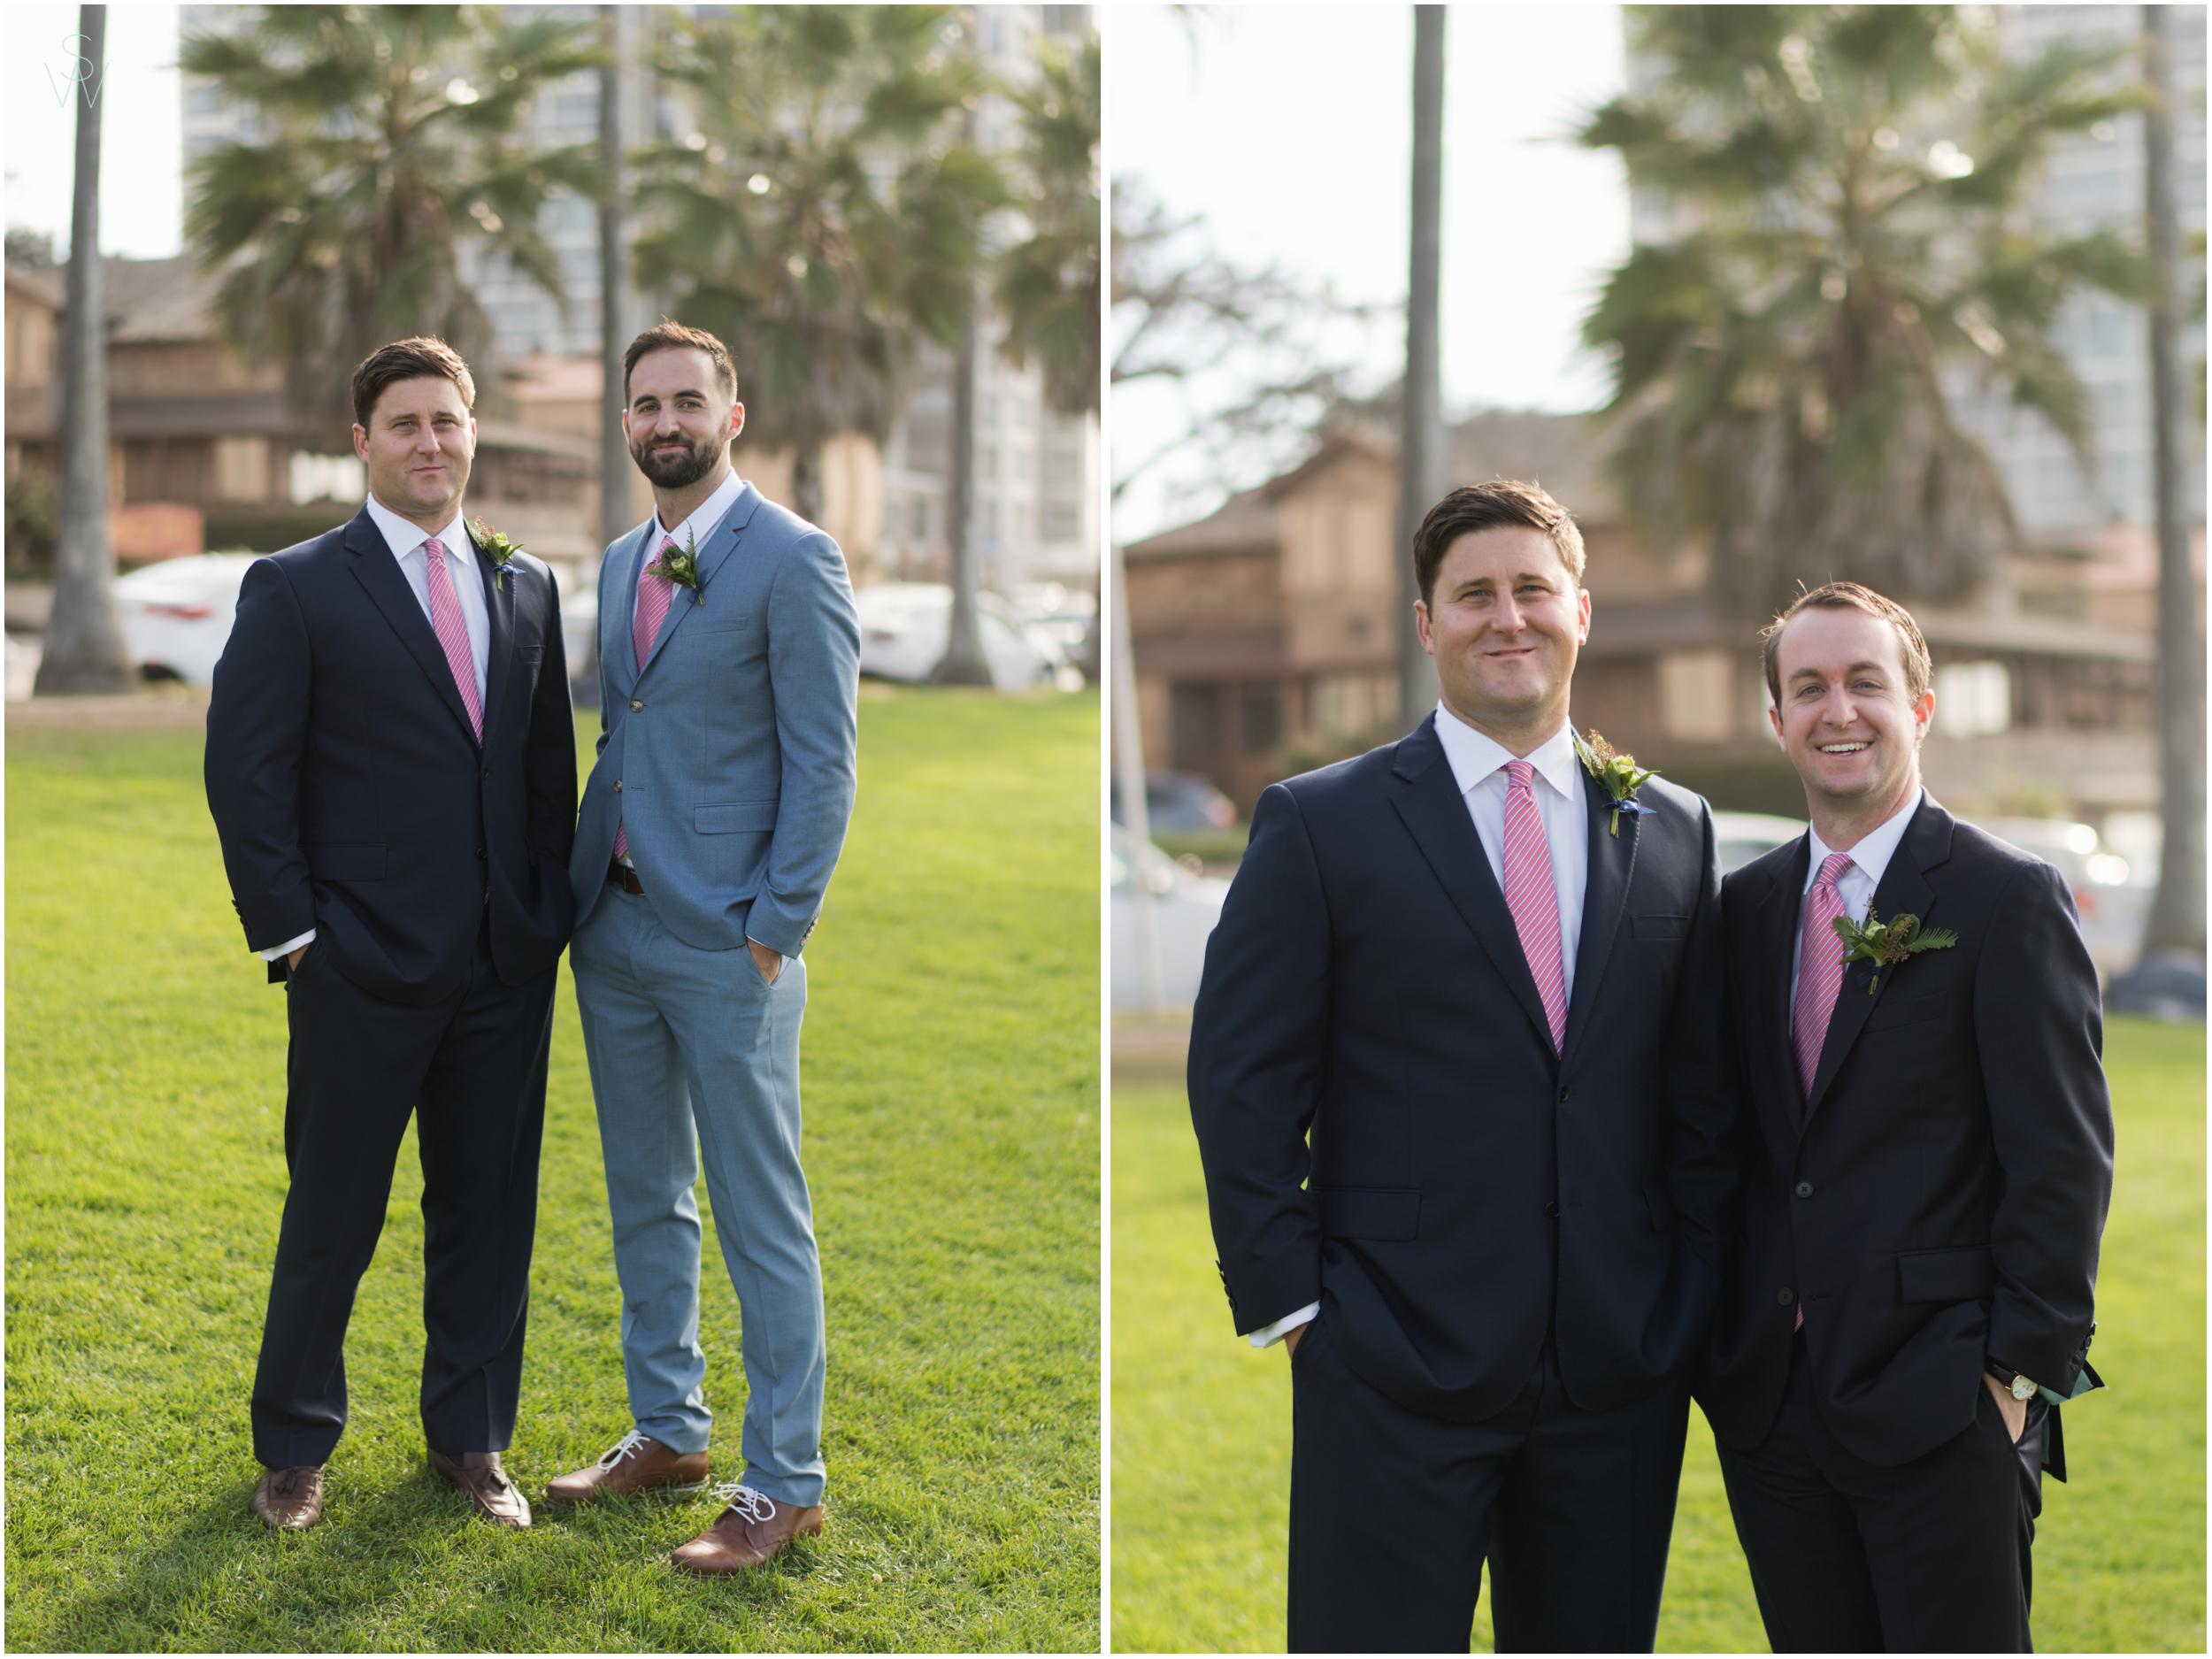 Colleen.Kyle20190122Shewanders.granddelmar.wedding 0460.jpg